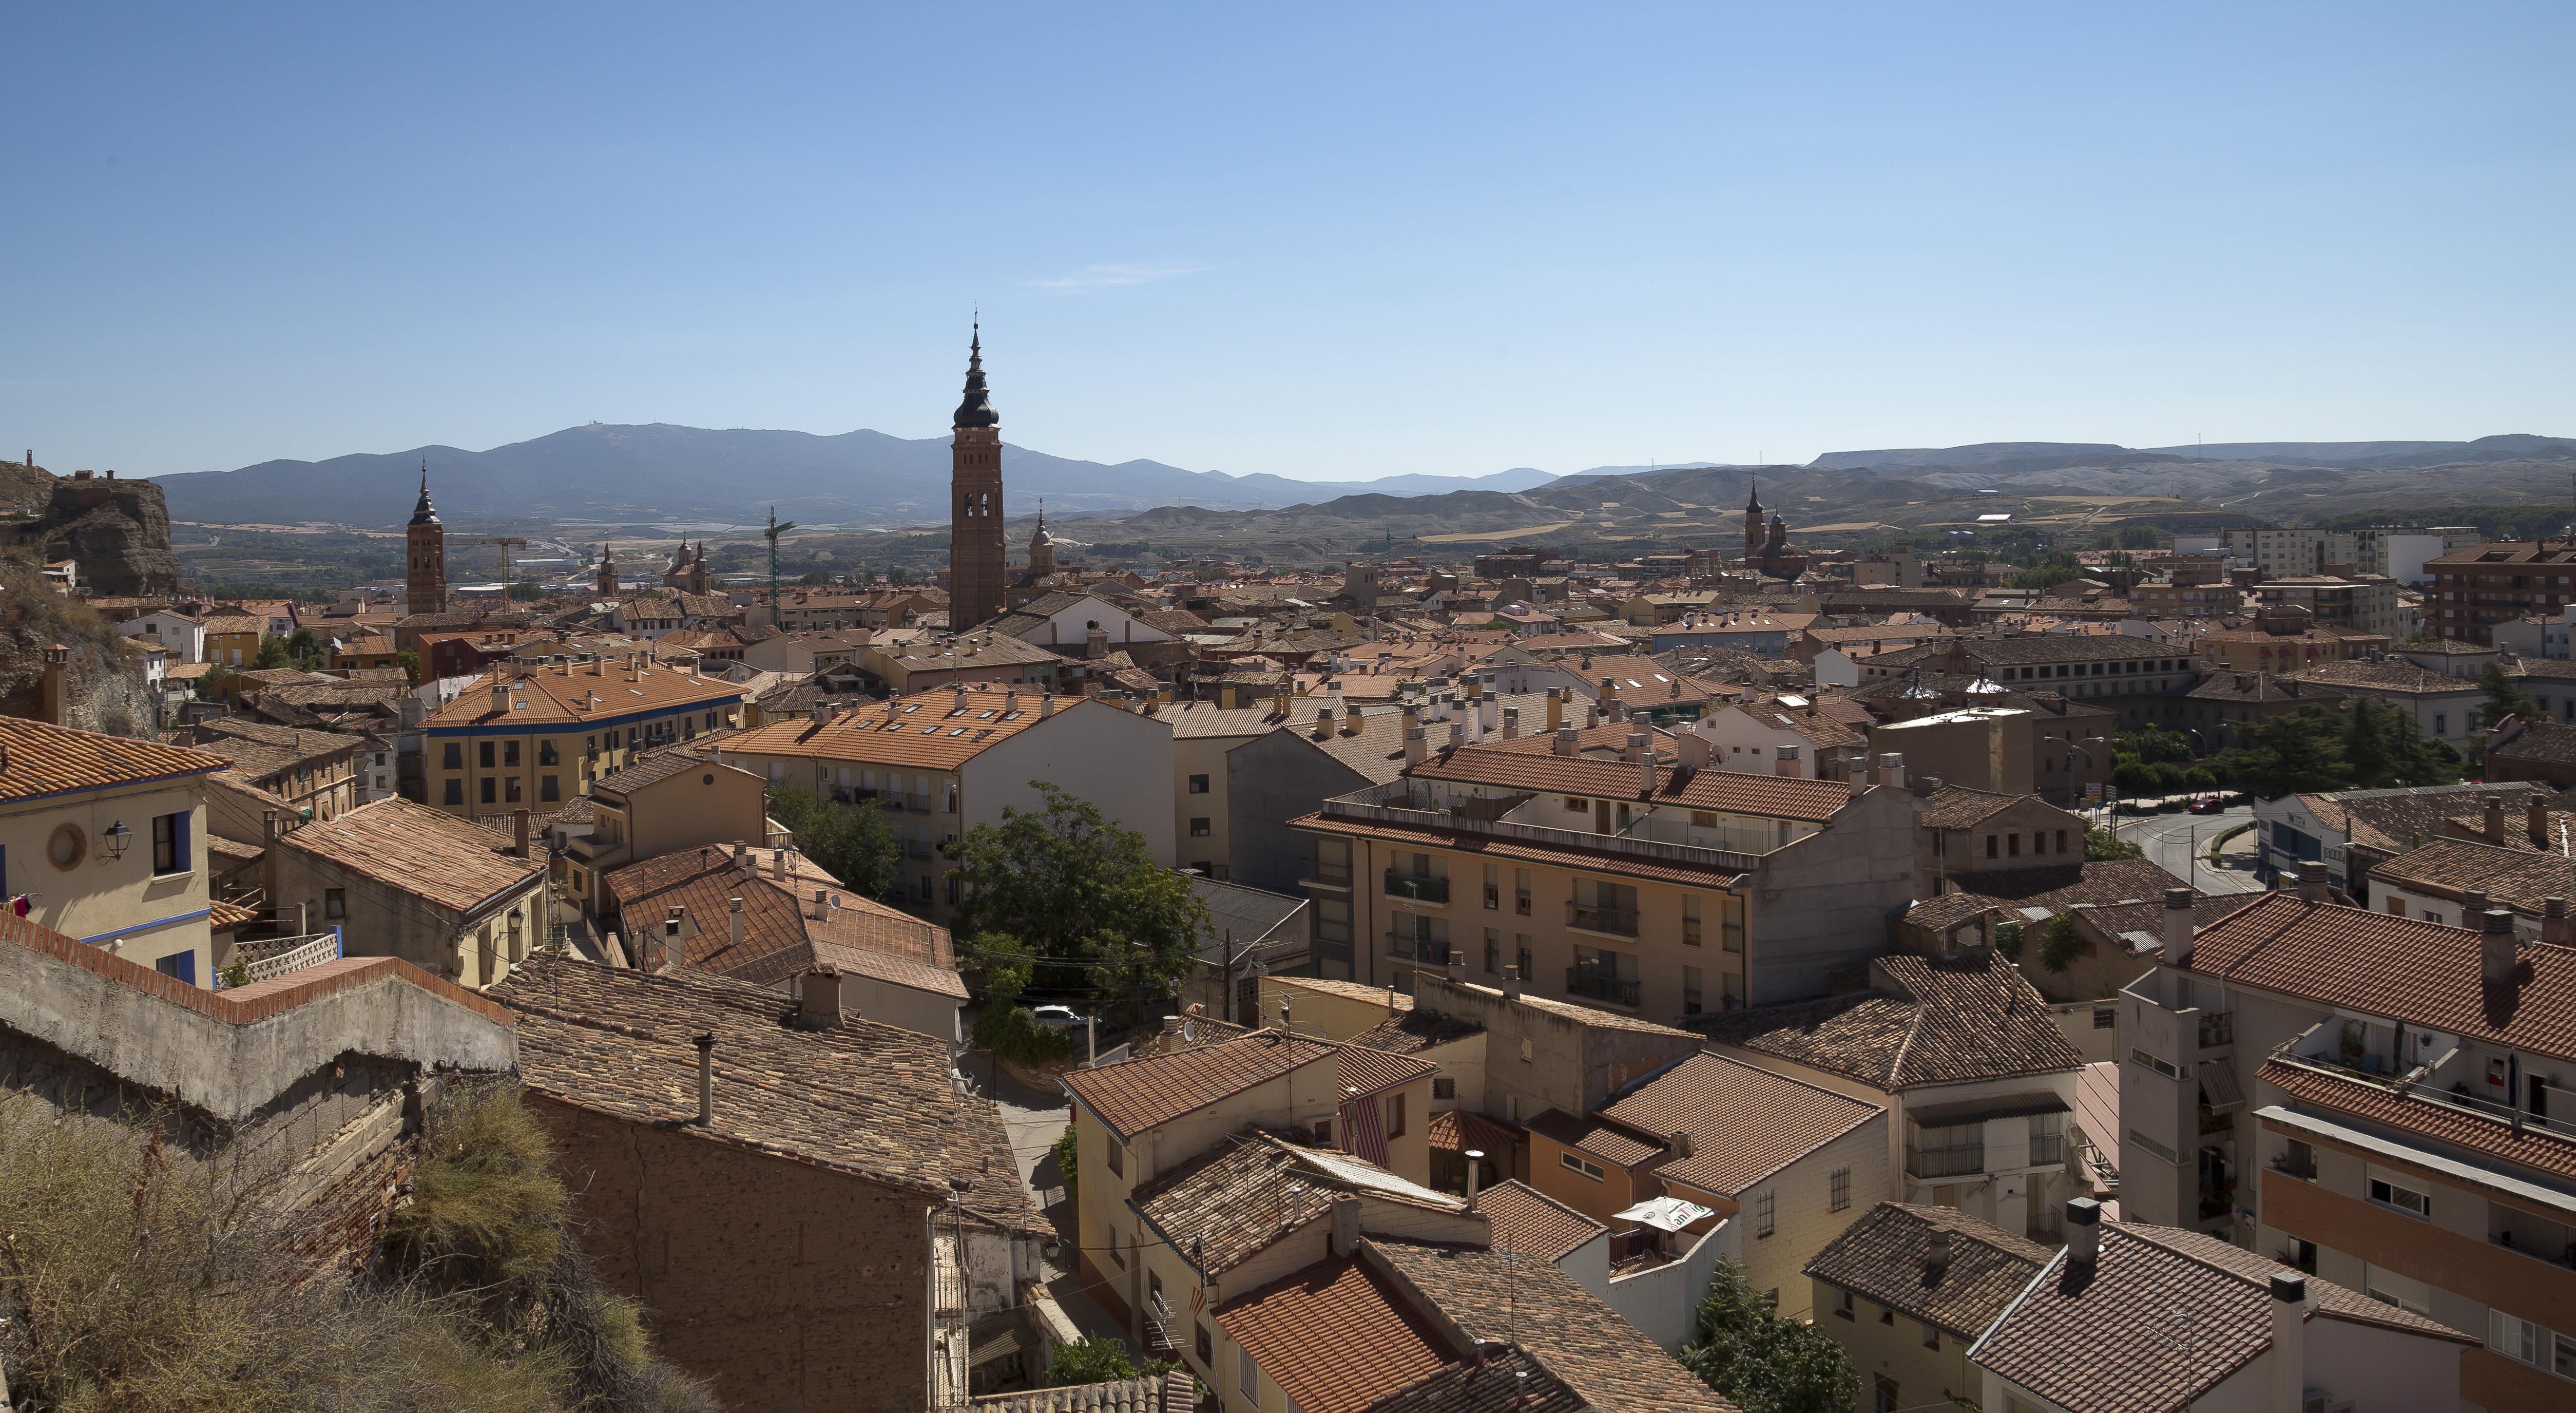 Calatayud (Zaragoza)